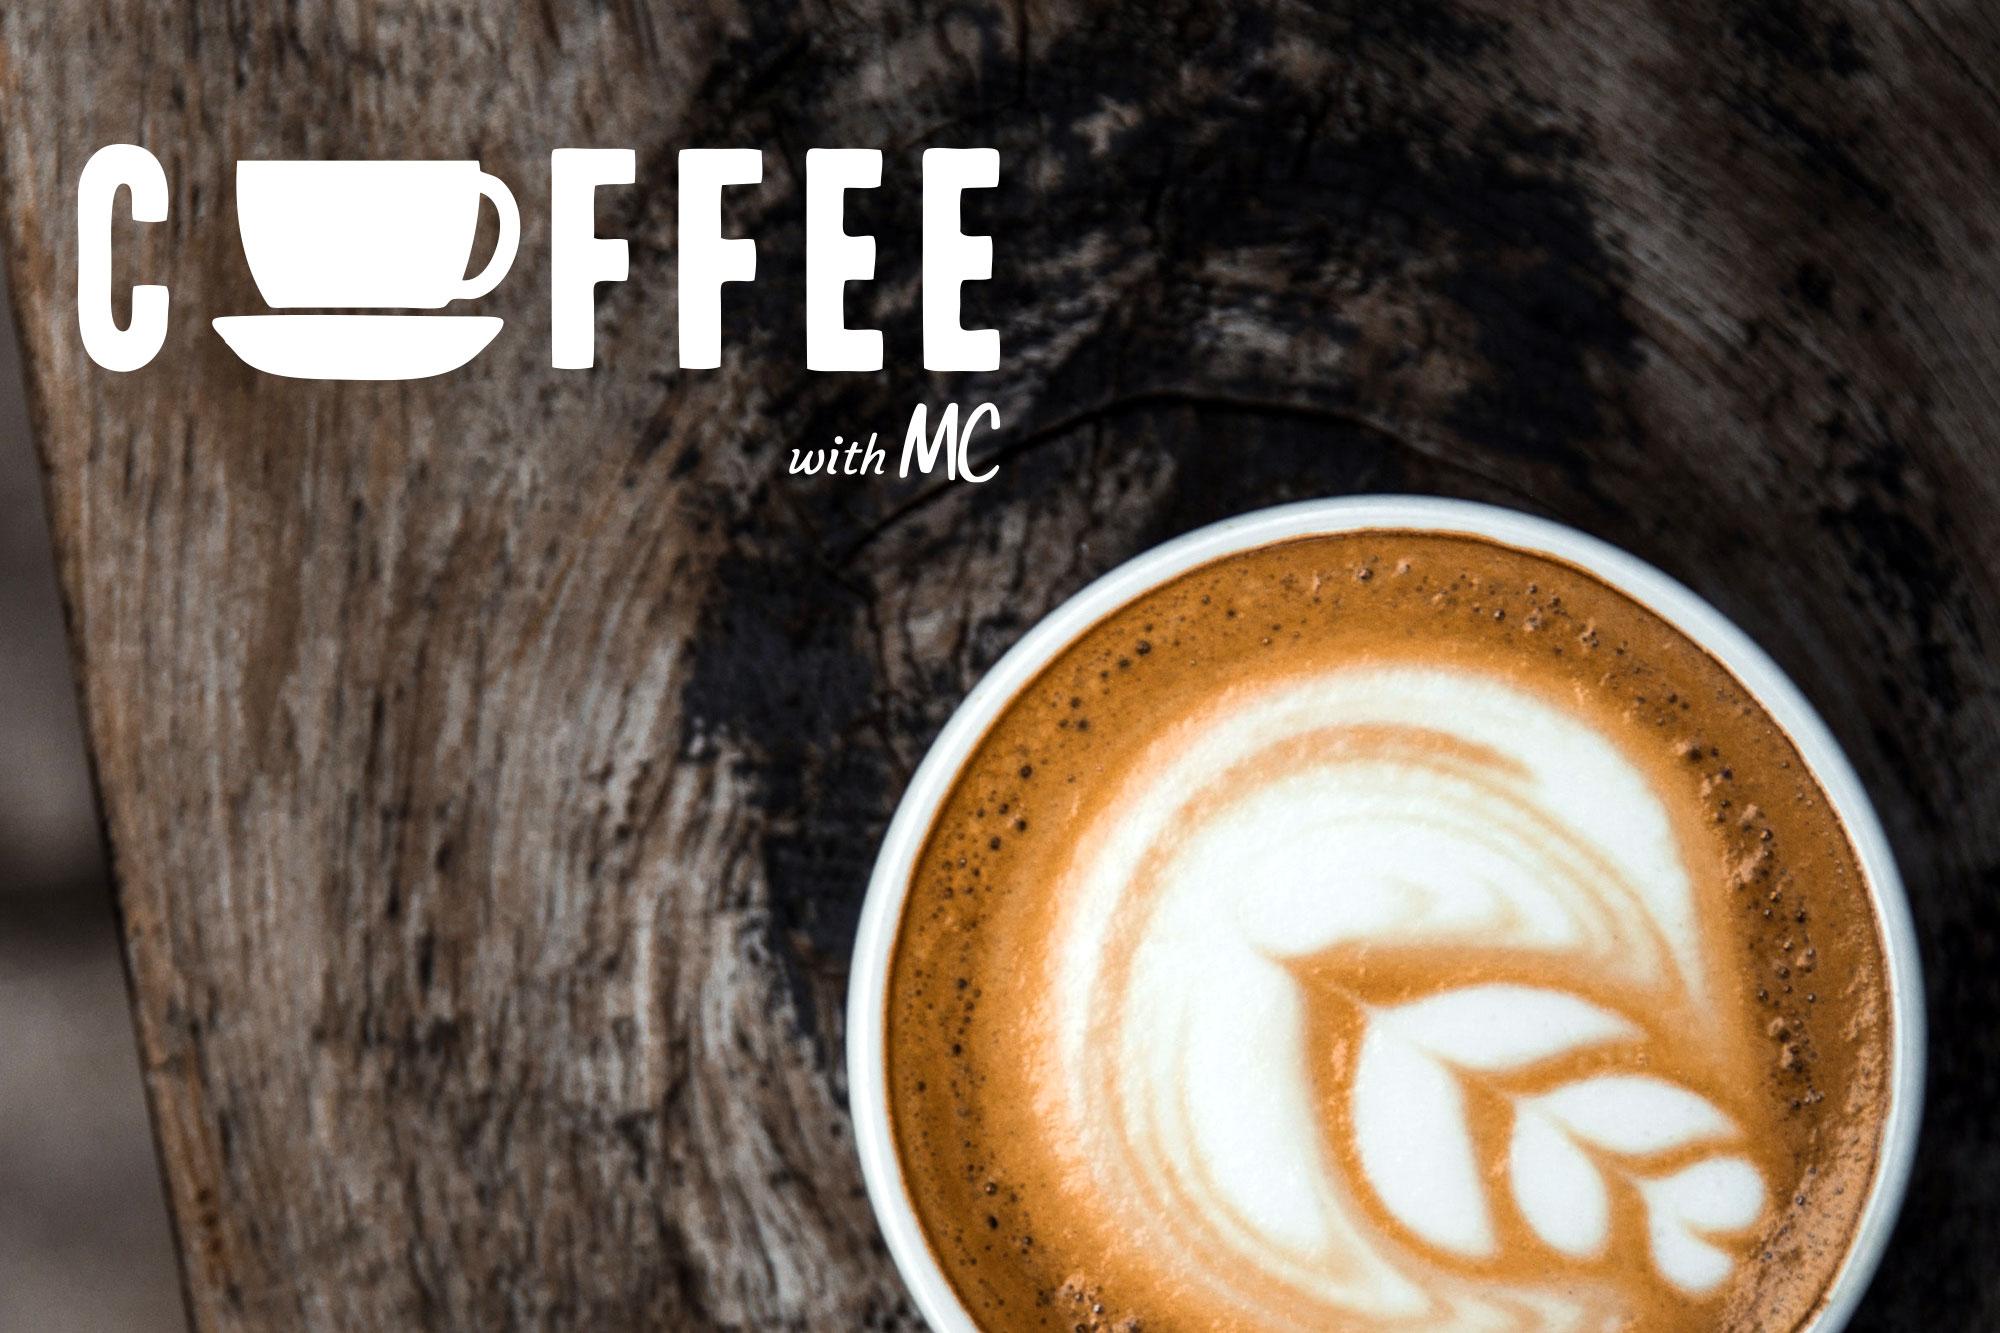 Coffee with MC